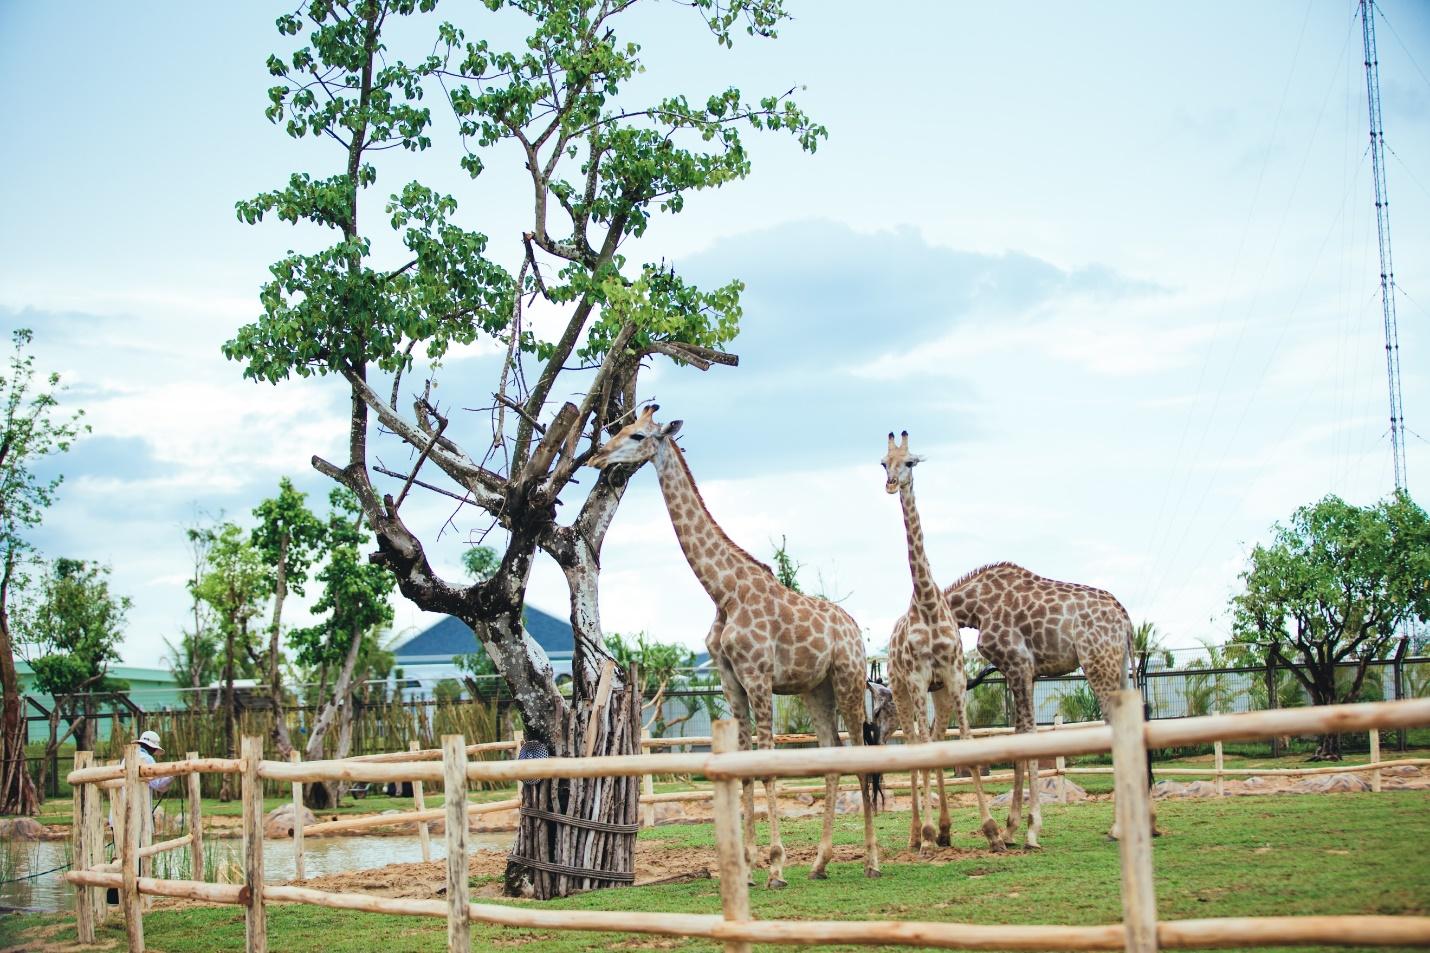 Một vòng khám phá River Safari - Công viên bảo tồn động vật hoang dã trên sông tại Hội An - Ảnh 6.